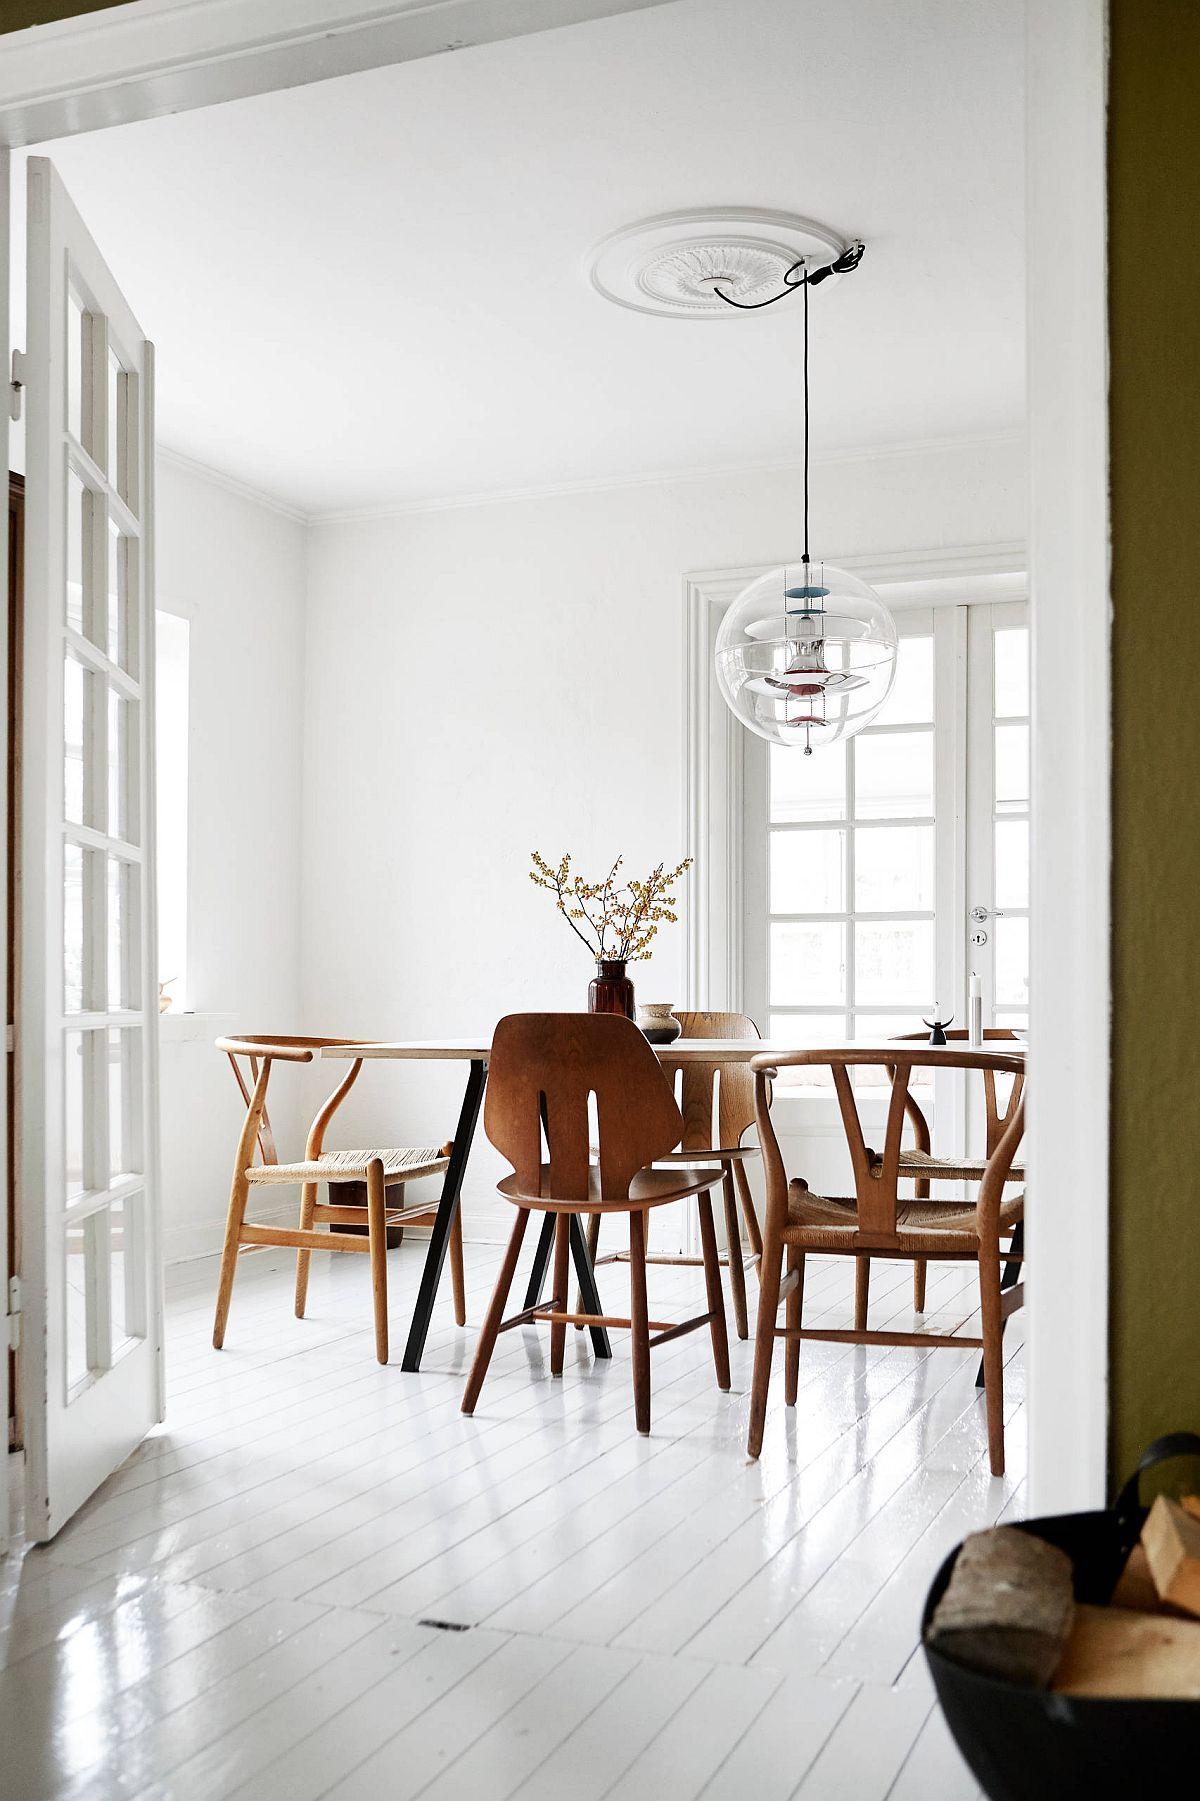 Salle à manger de style scandinave polie et lumineuse en blanc et bois